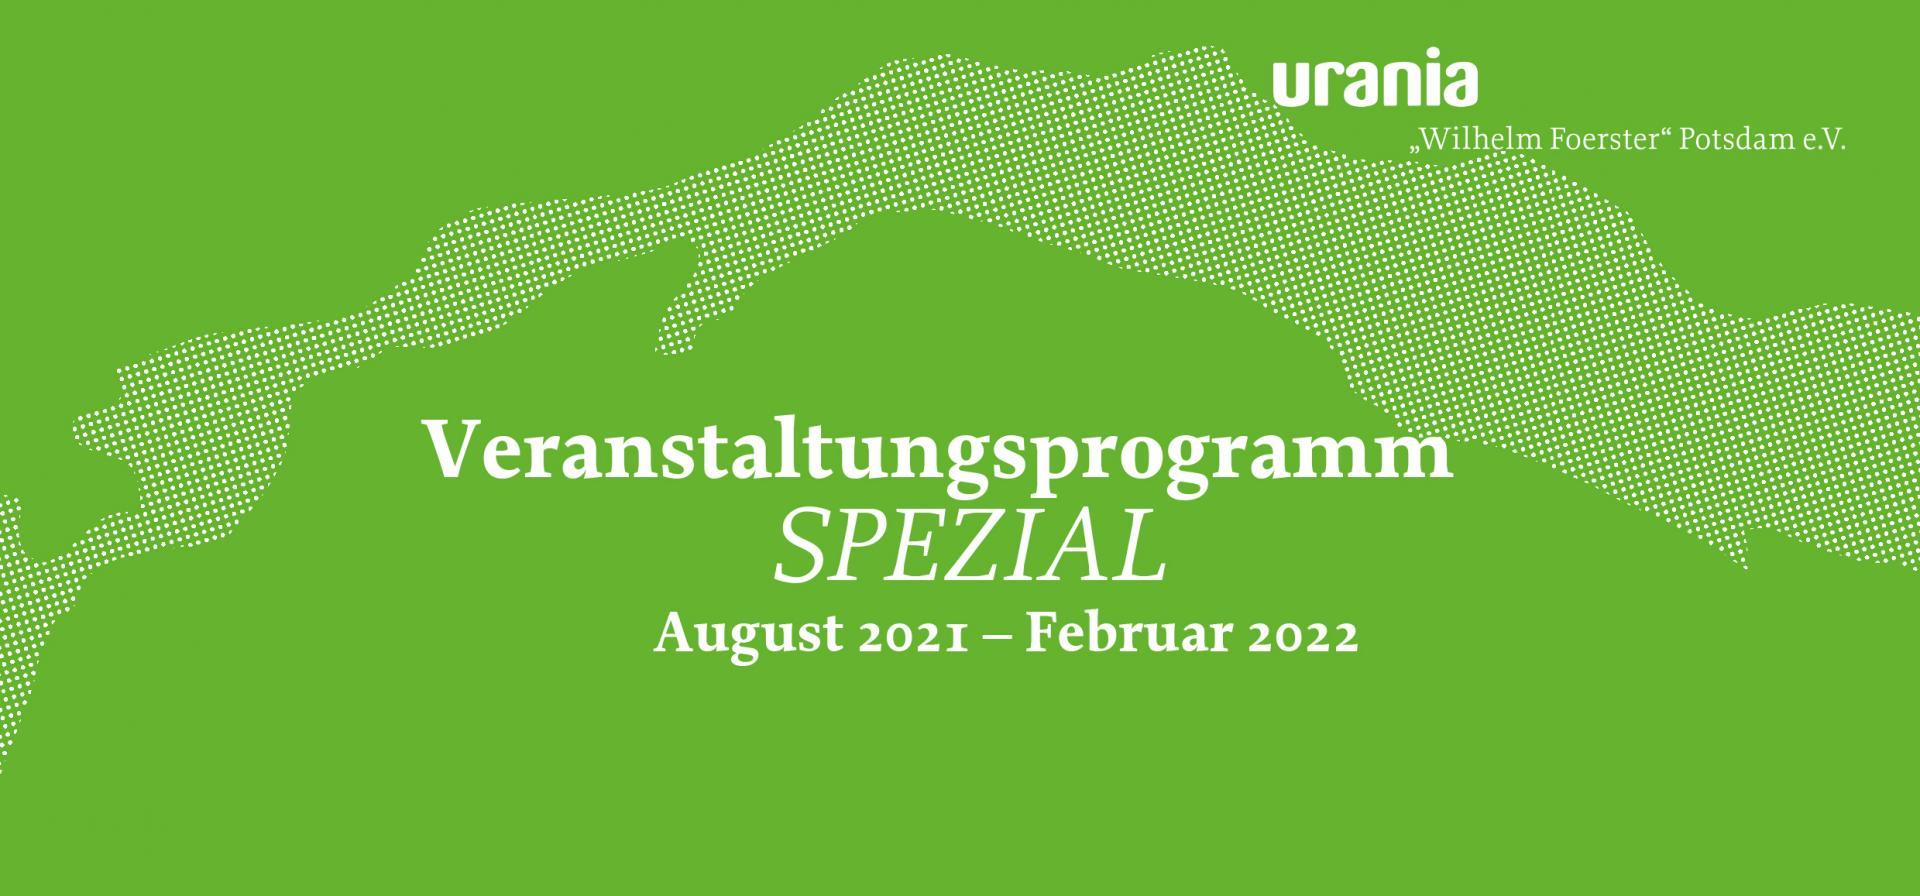 Veranstaltungsprogramm 2021